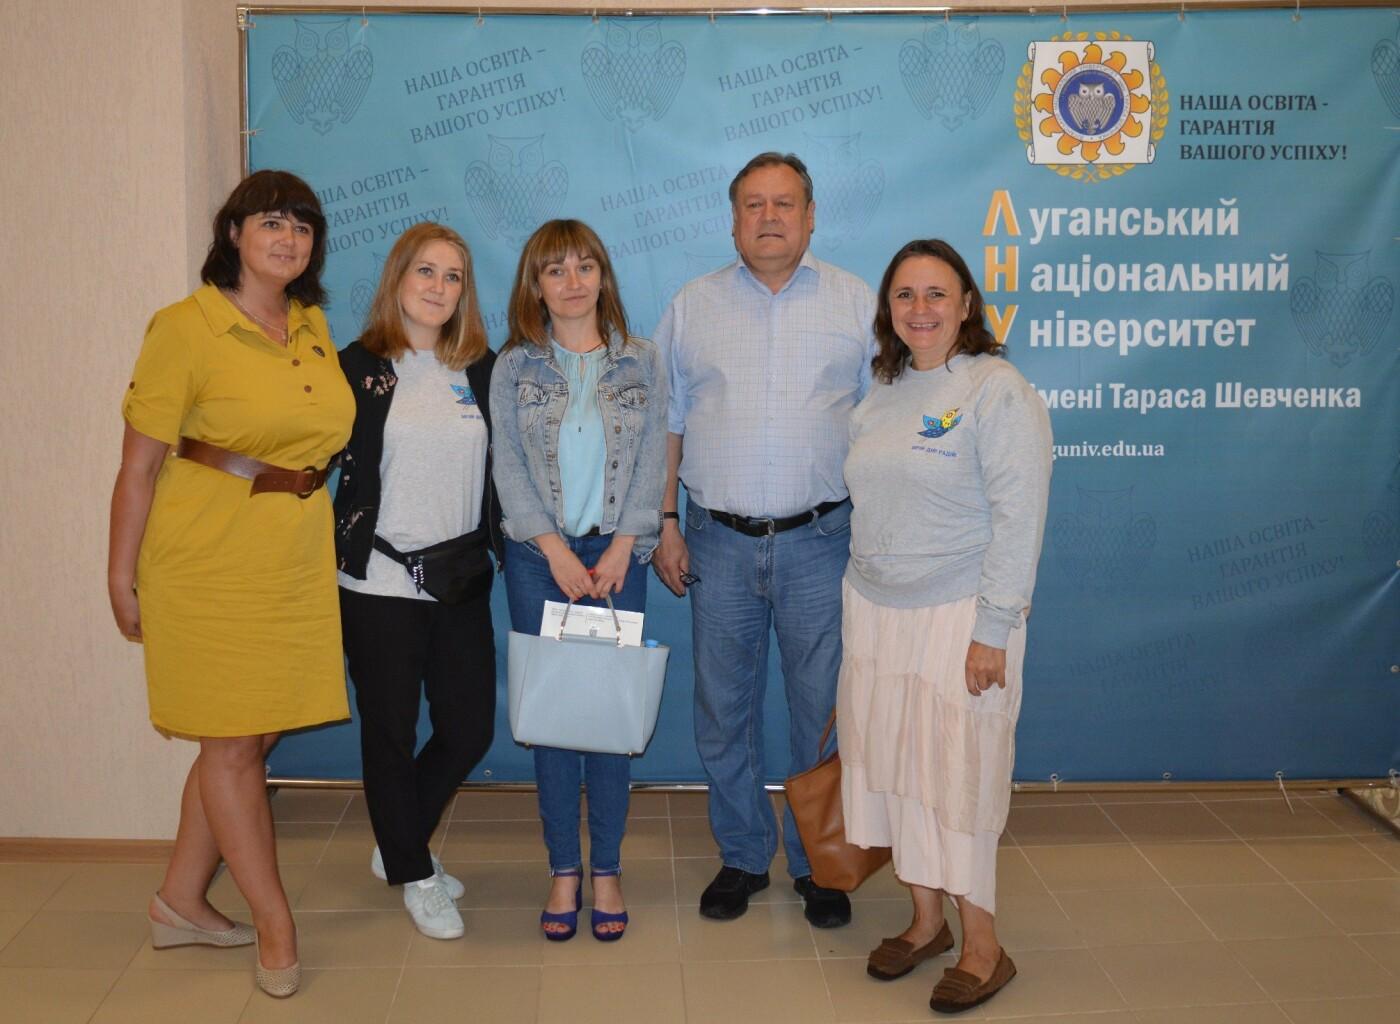 Основные даты приема документов на бюджет в украинские вузы для абитуриентов с оккупированного Донбасса и линии разграничения, - ФОТО , фото-3